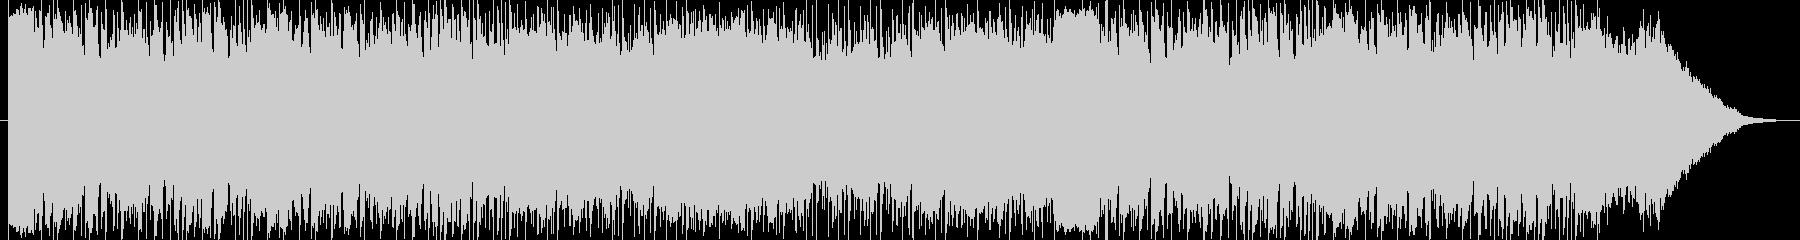 アラビア風のBGM 音色追加版の未再生の波形